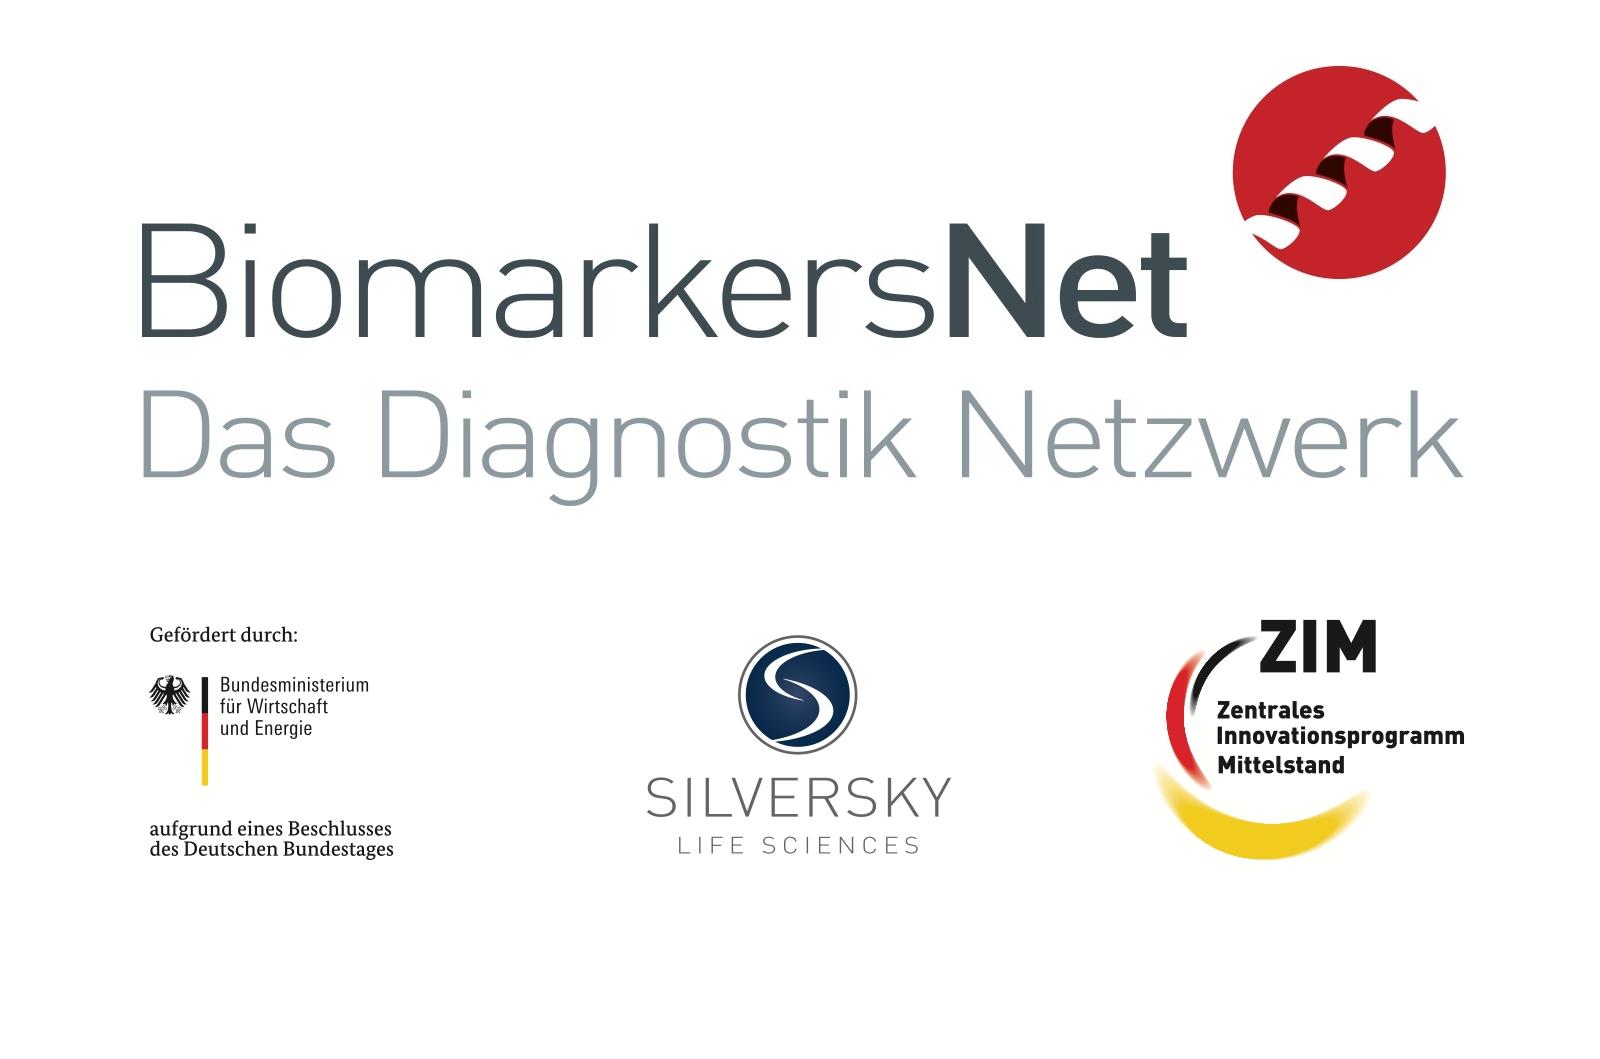 BiomarkersNet – Netzwerk für Diagnostik startet in Düsseldorf